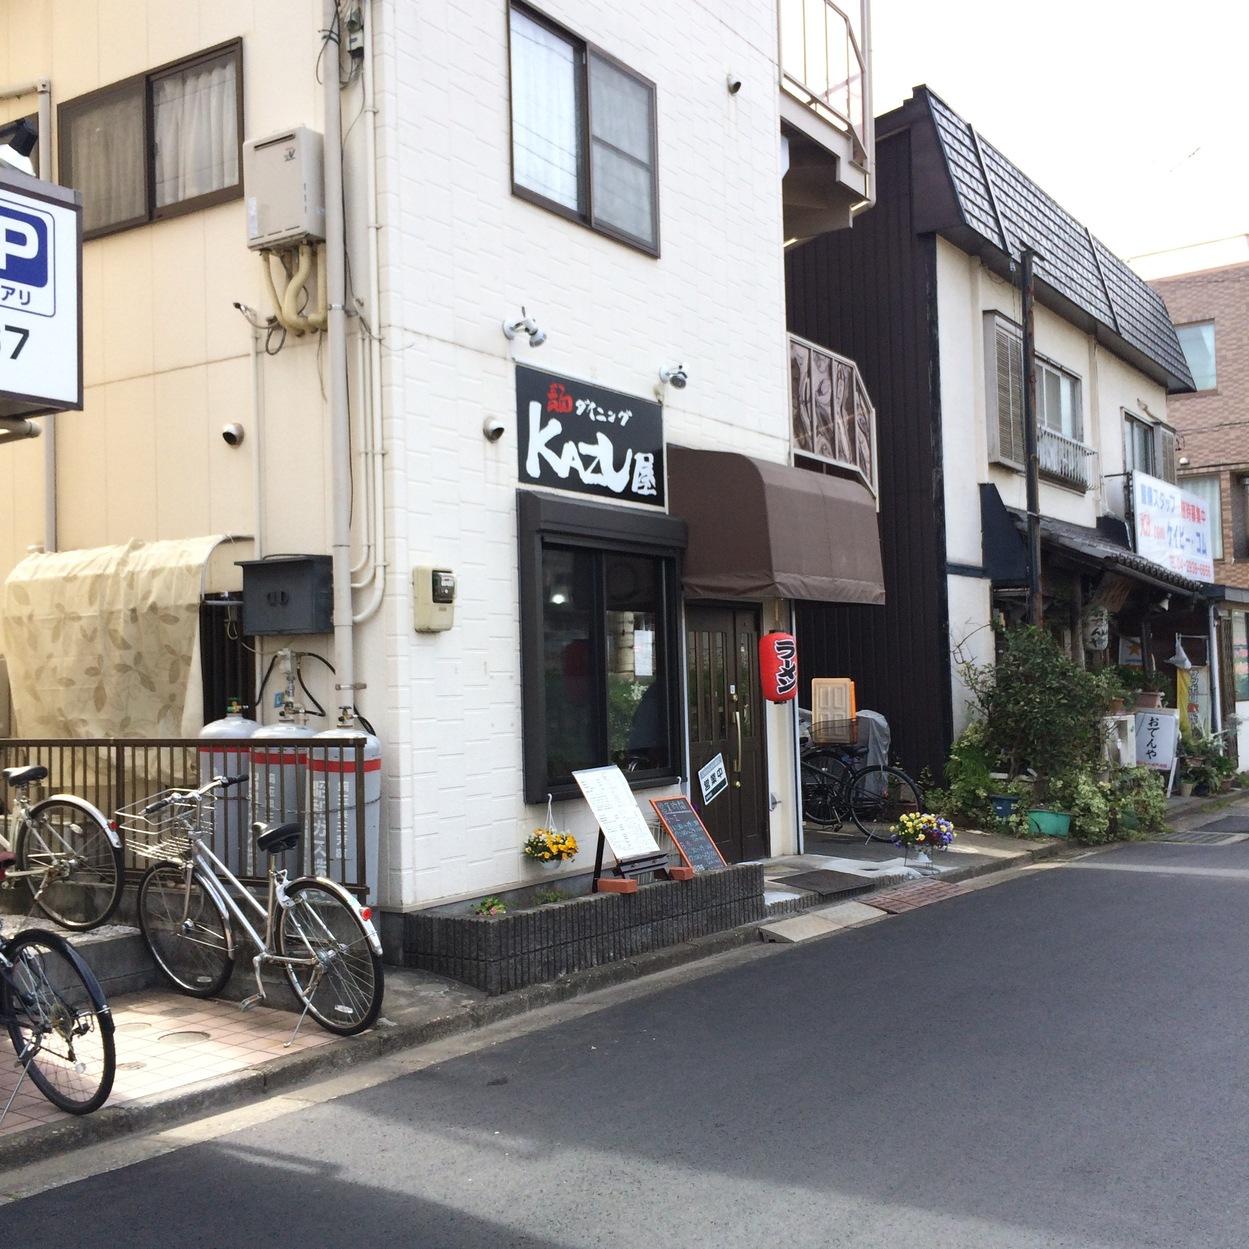 麺ダイニング Kazu 屋